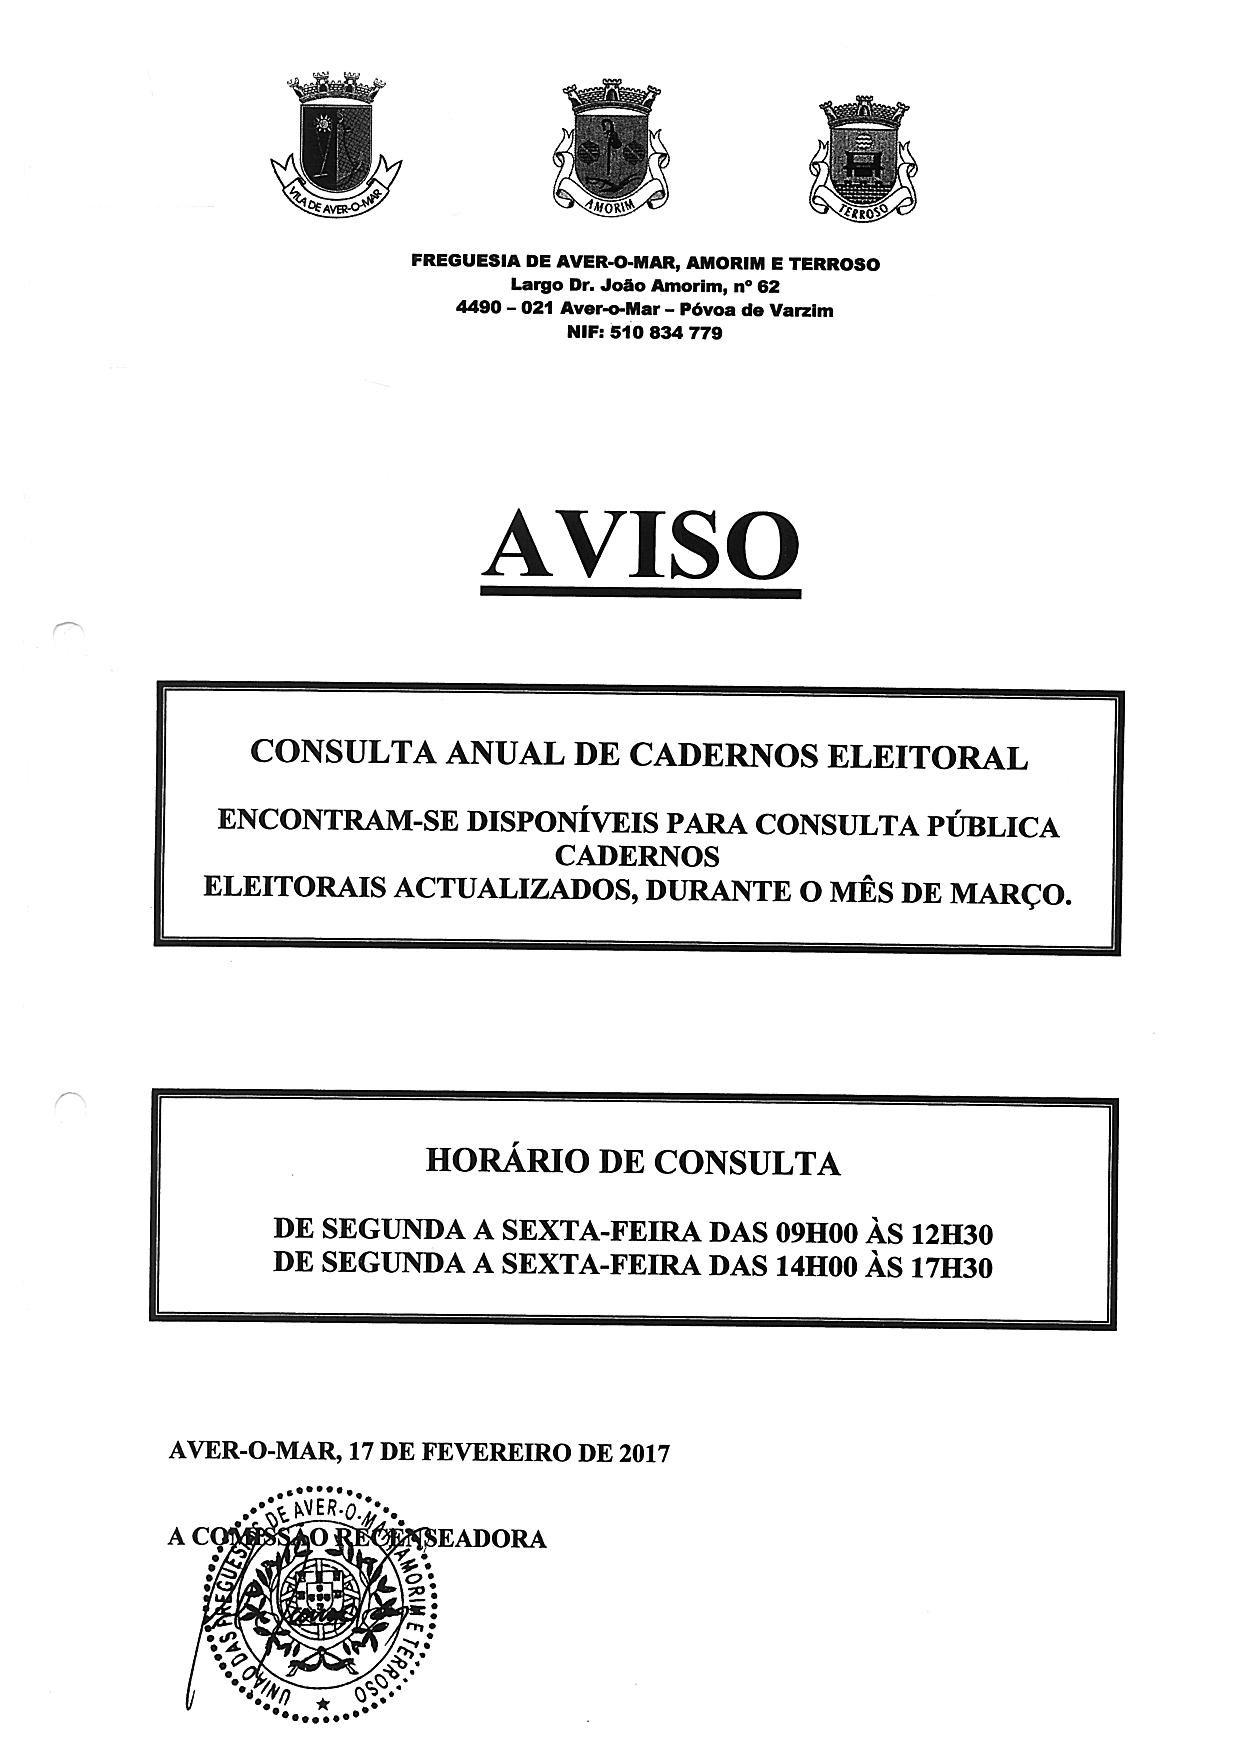 Consulta de Cadernos Eleitorais em Aver-o-Mar